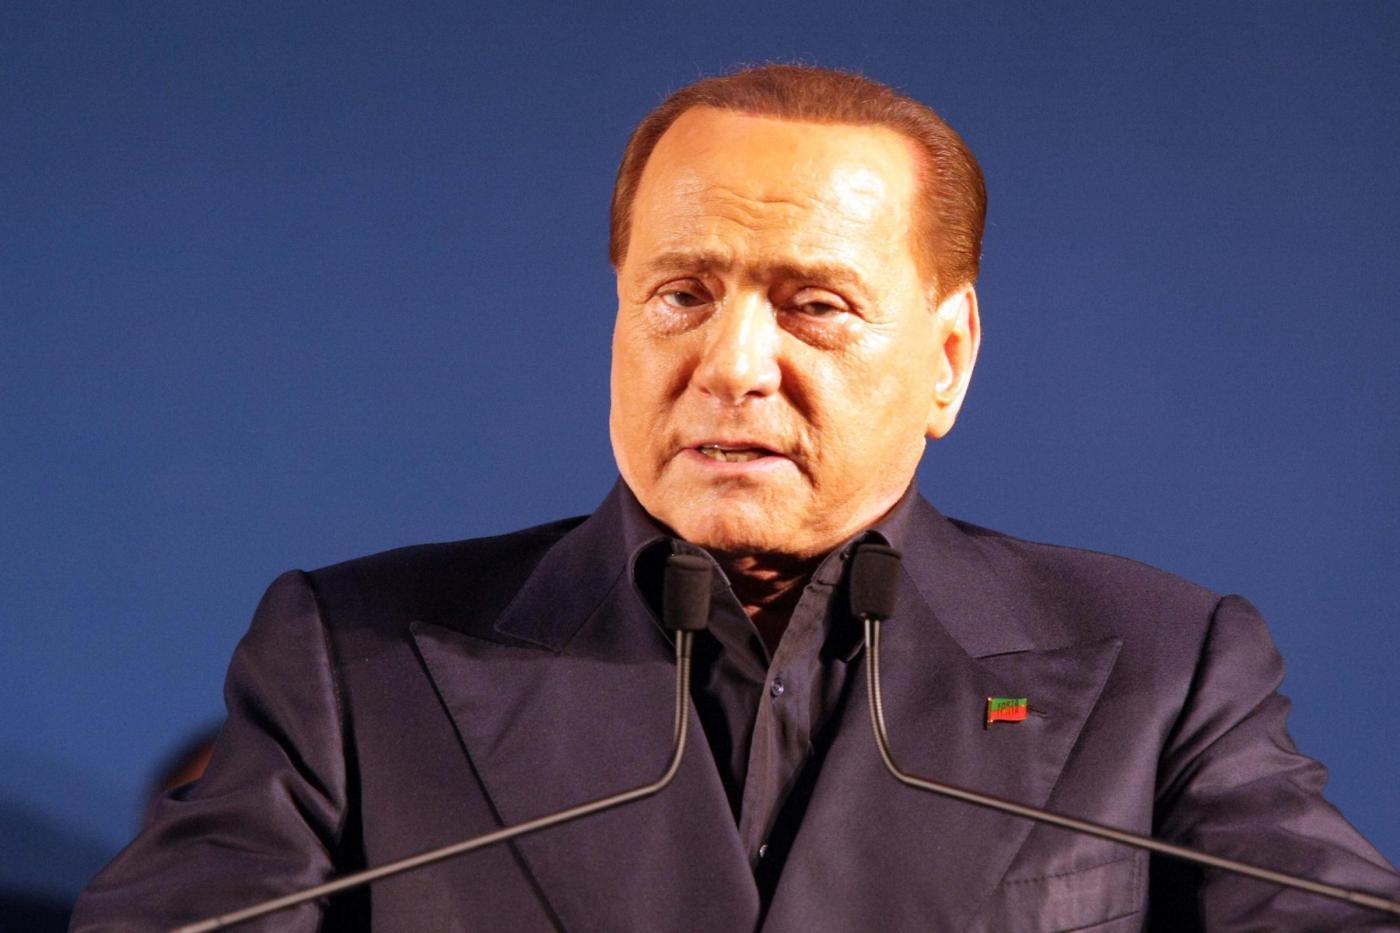 Silvio Berlusconi in tv: le apparizioni più famose dell'ex Cavaliere